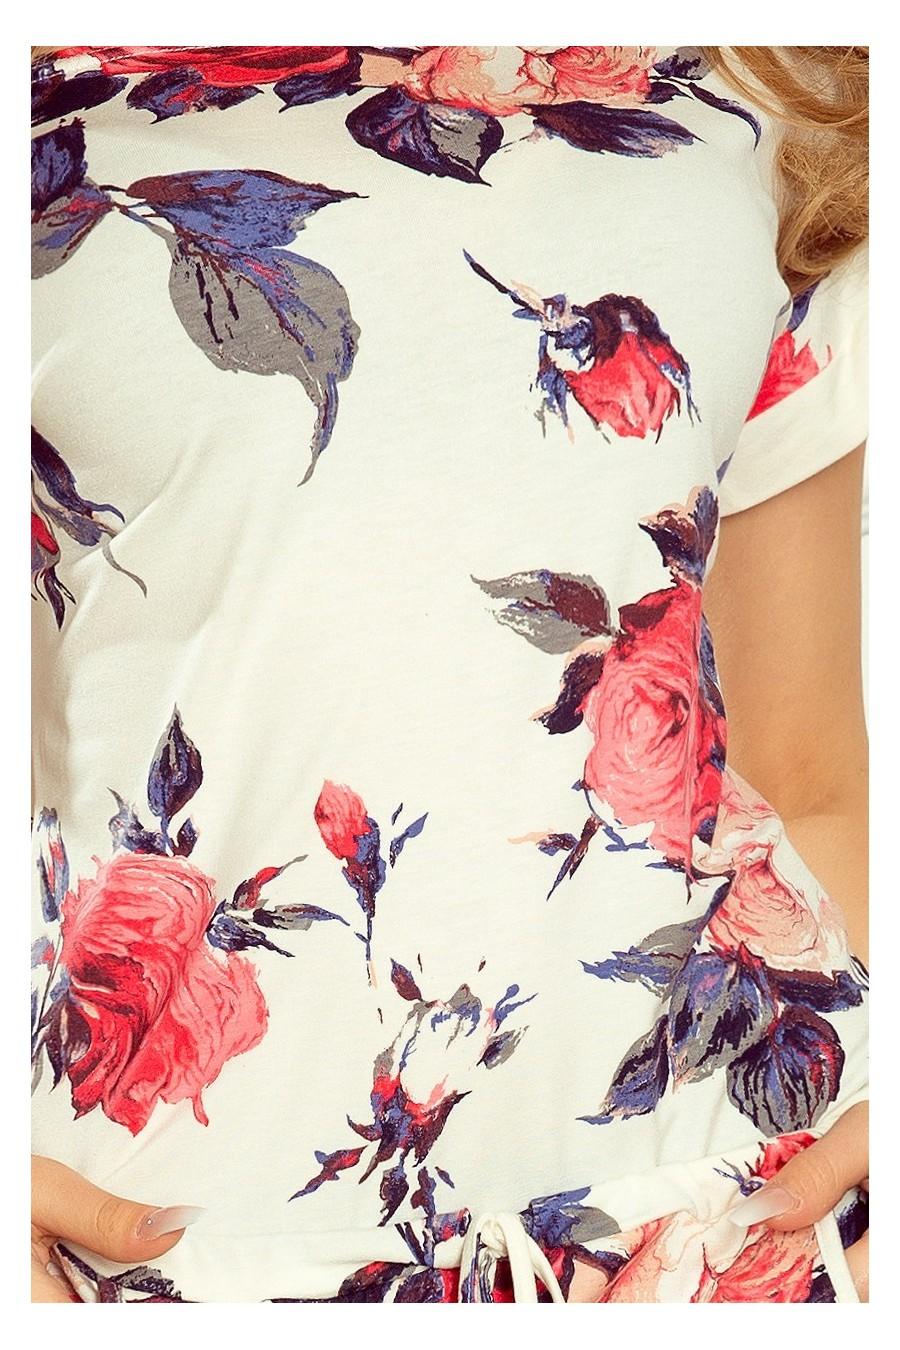 203-1 Sportovní šaty s krátkým rukávem, knoflíky a klopou - červené květy